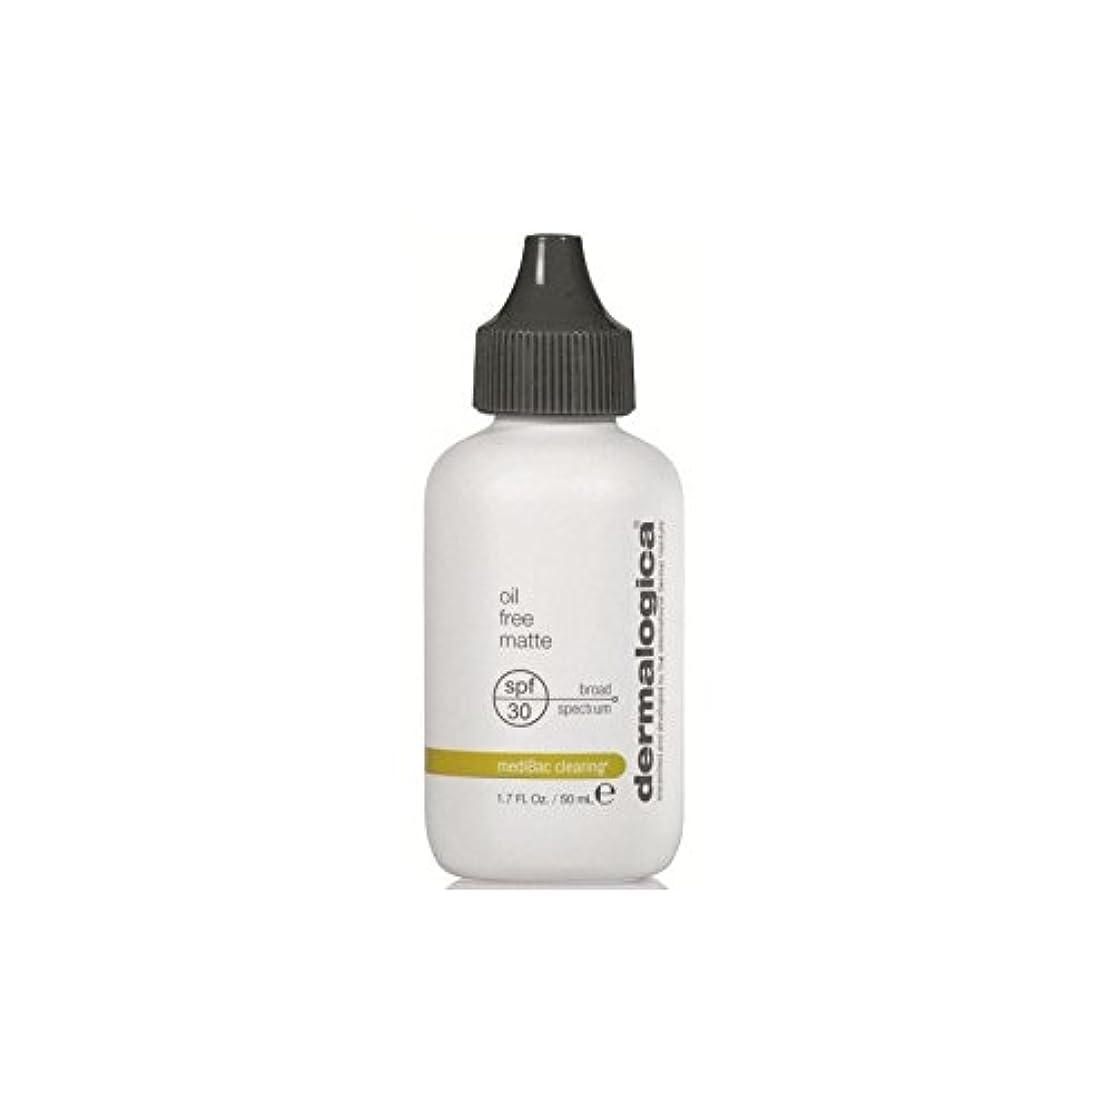 映画メディカル奇跡的なDermalogica Oil-Free Matte Spf 30 (Pack of 6) - ダーマロジカオイルフリーマット 30 x6 [並行輸入品]